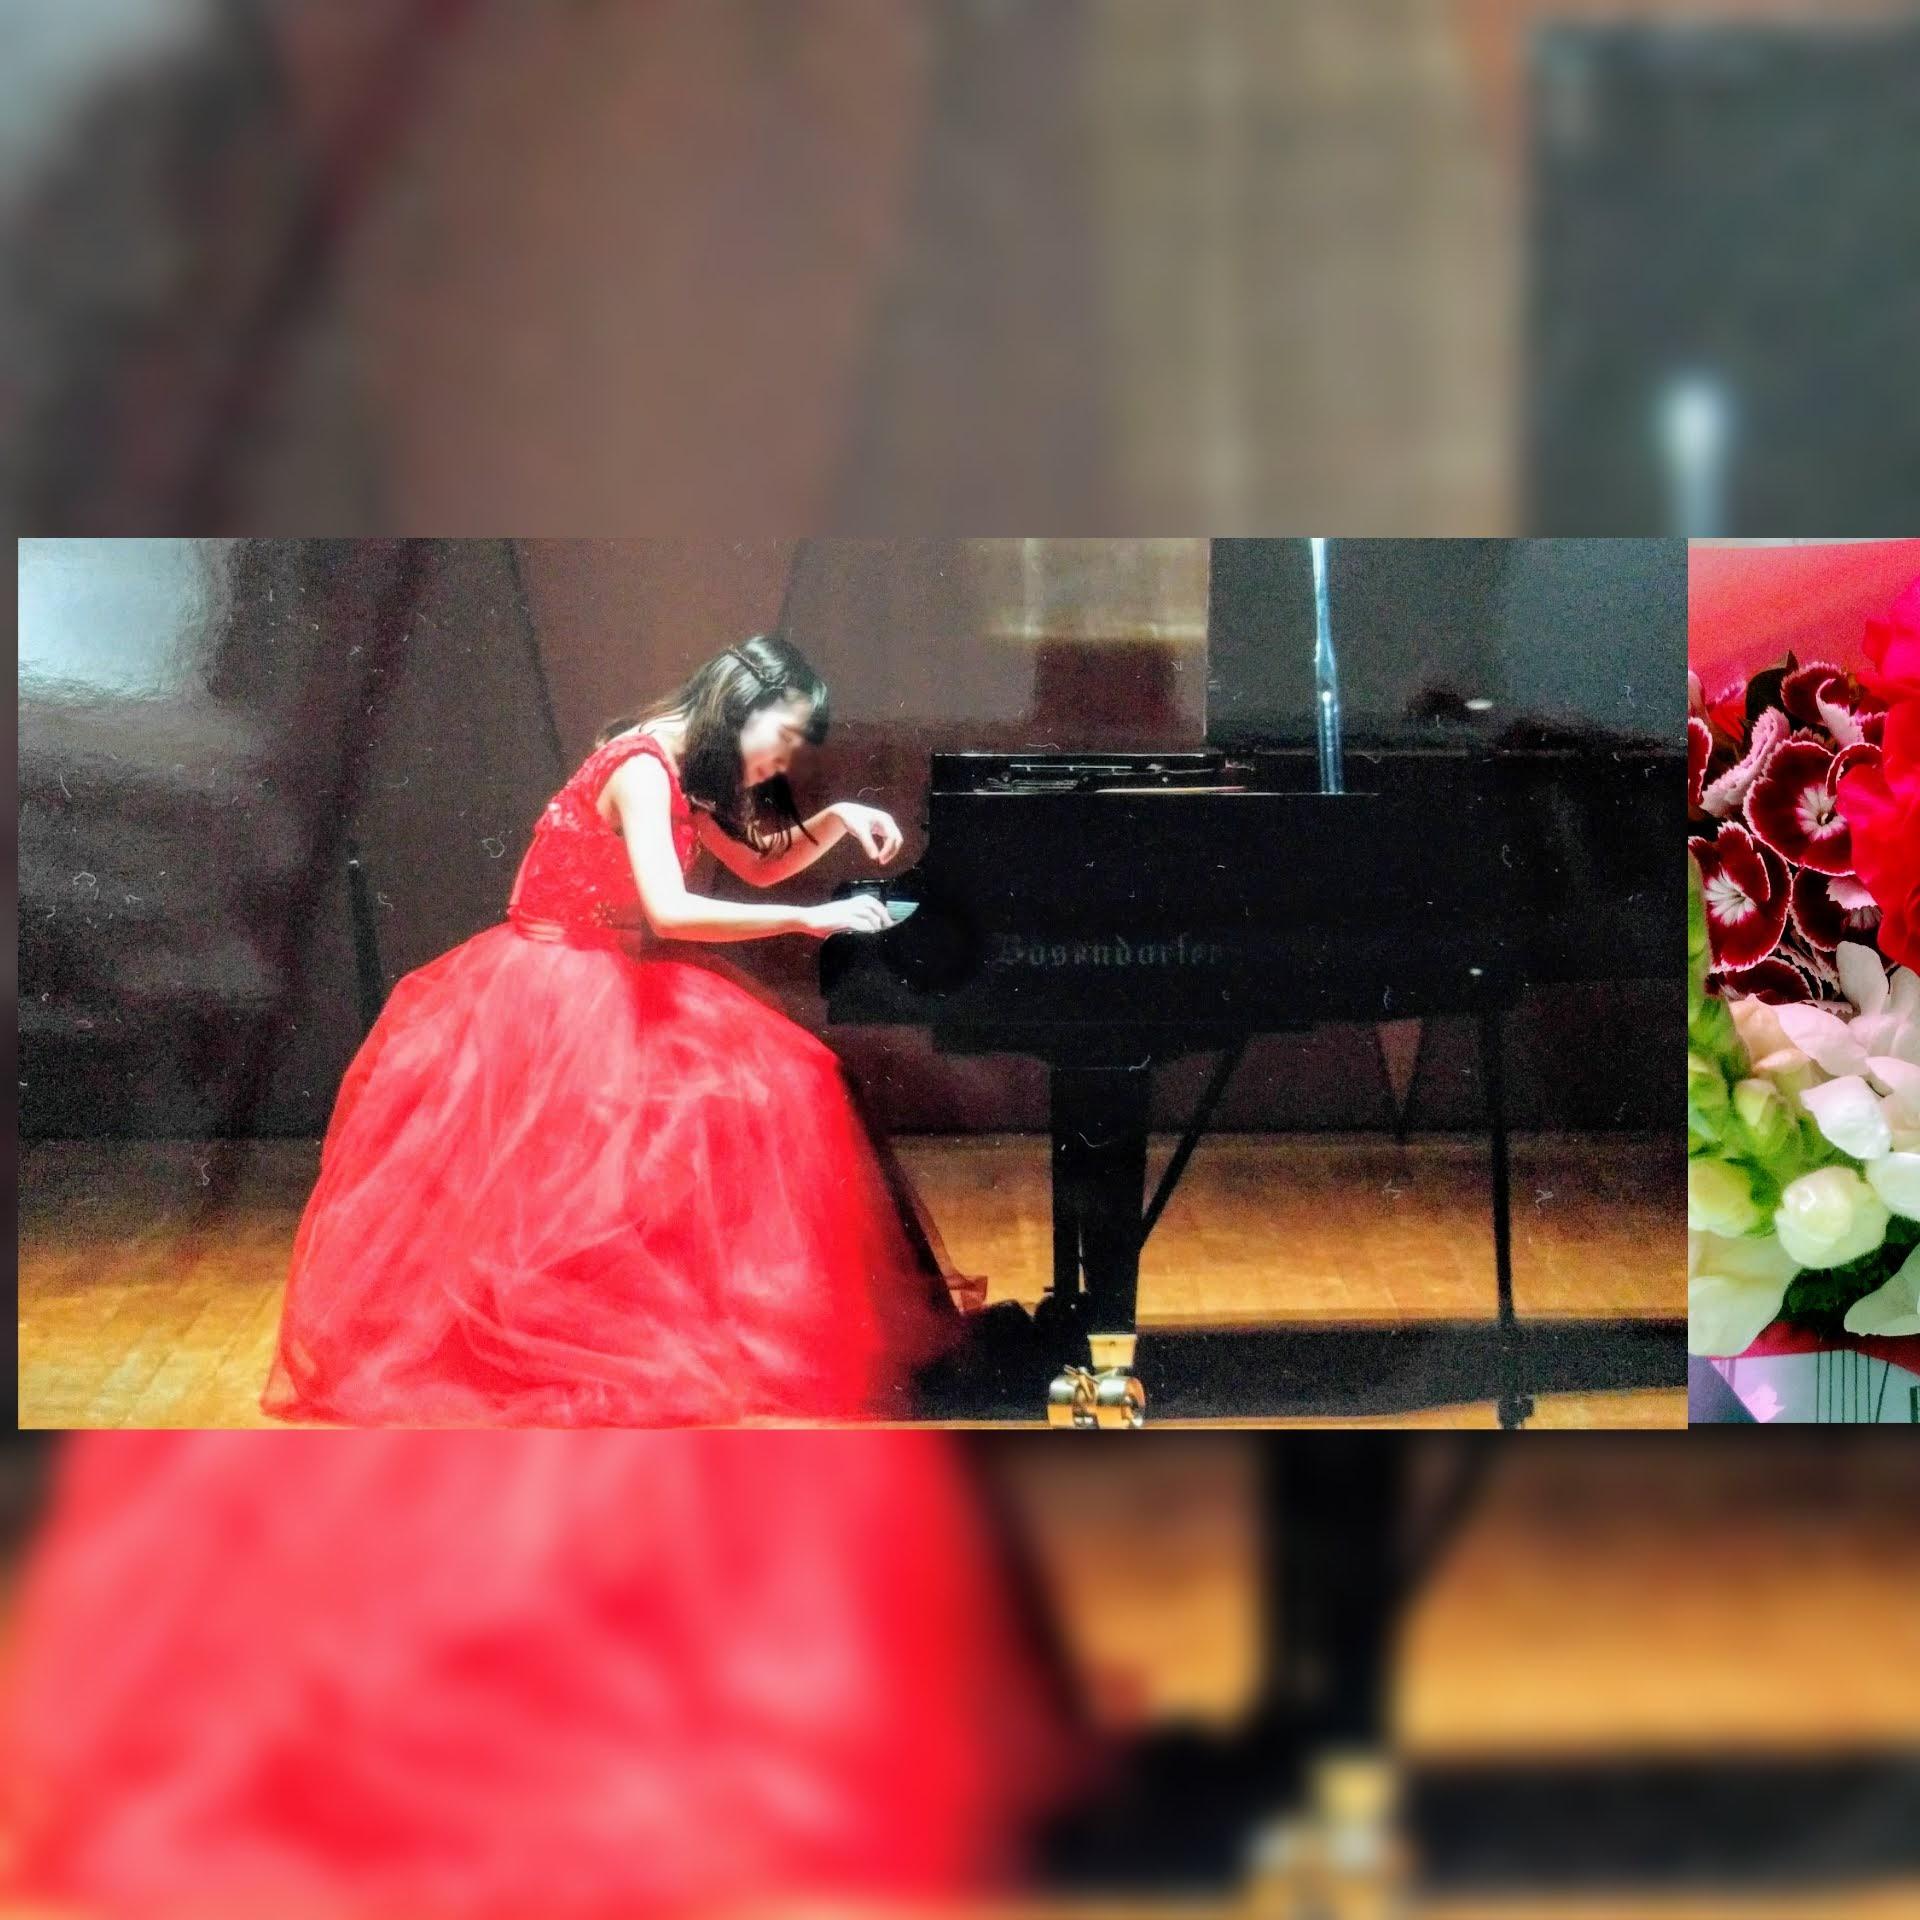 Maple音楽教室 ピアノソロ演奏